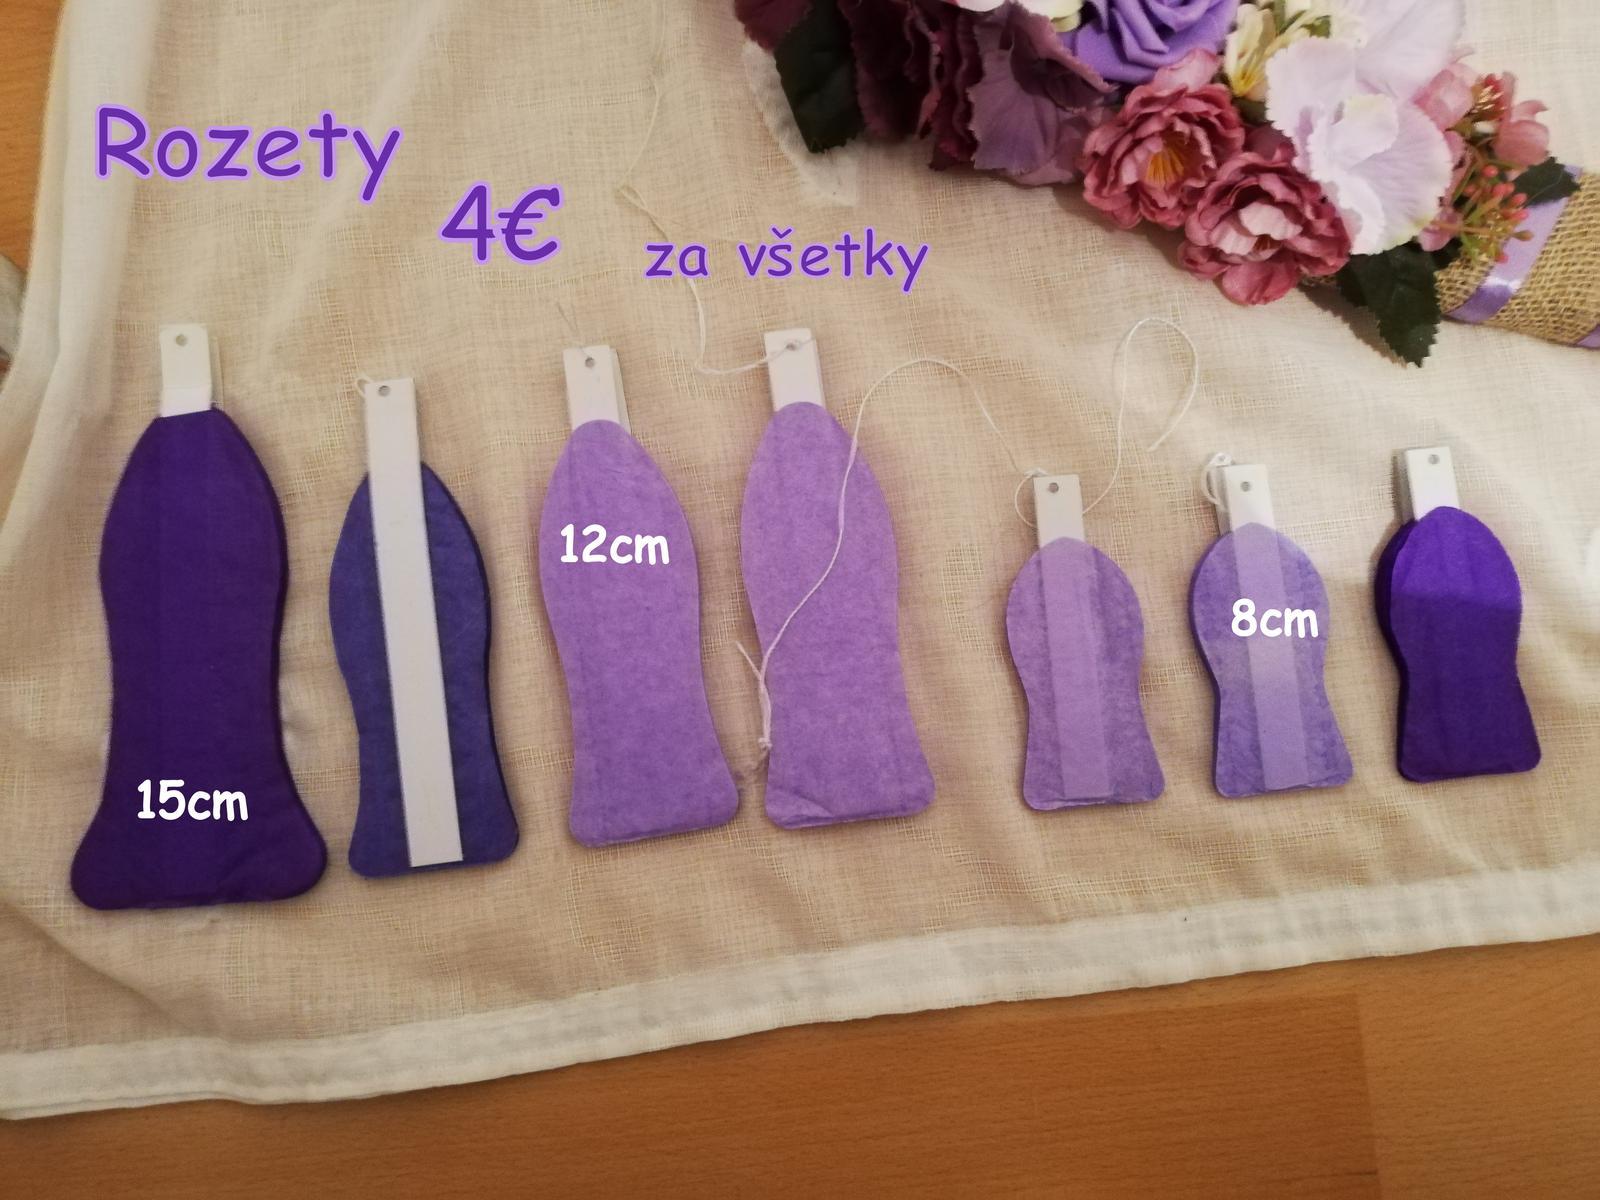 Rozety - tri rôzne fialové odtiene - Obrázok č. 1